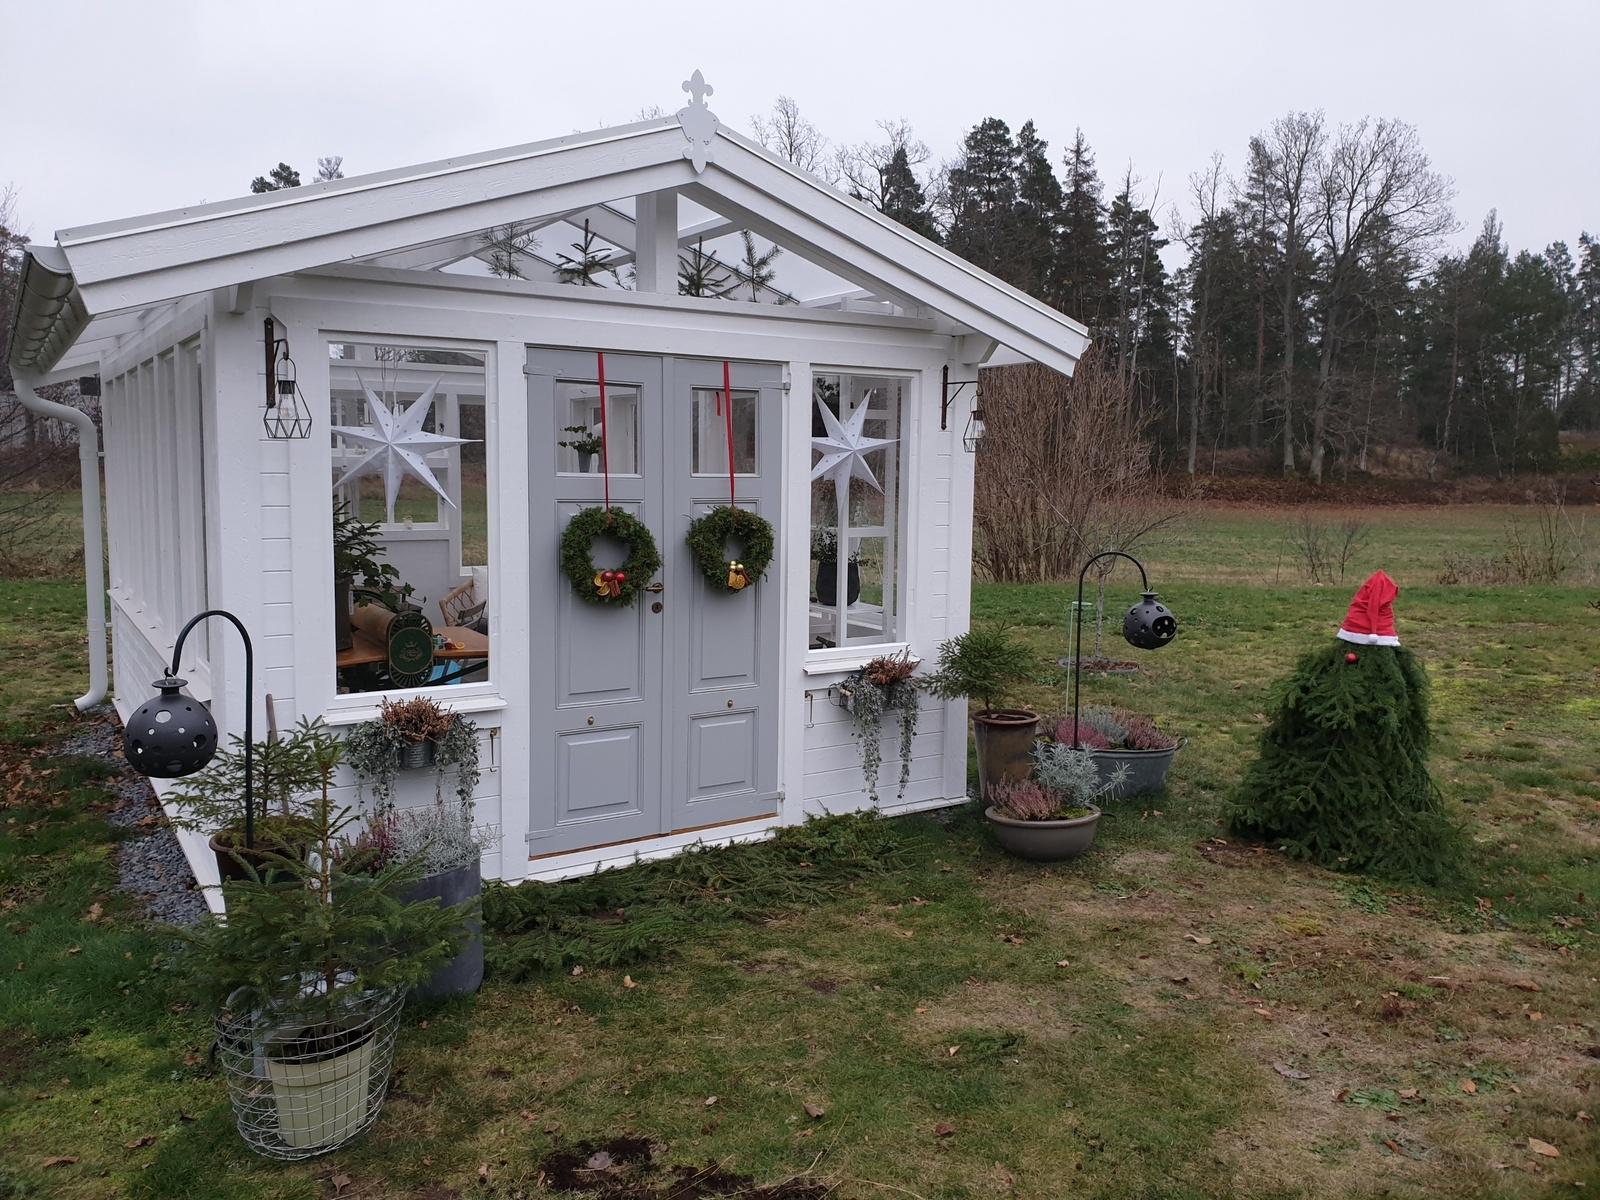 Pepparkakshus av familjen Wyckman från Oskarshamn som byggde sitt nya växthus i miniatyr.  Så här ser växthuset ut i verkligheten.